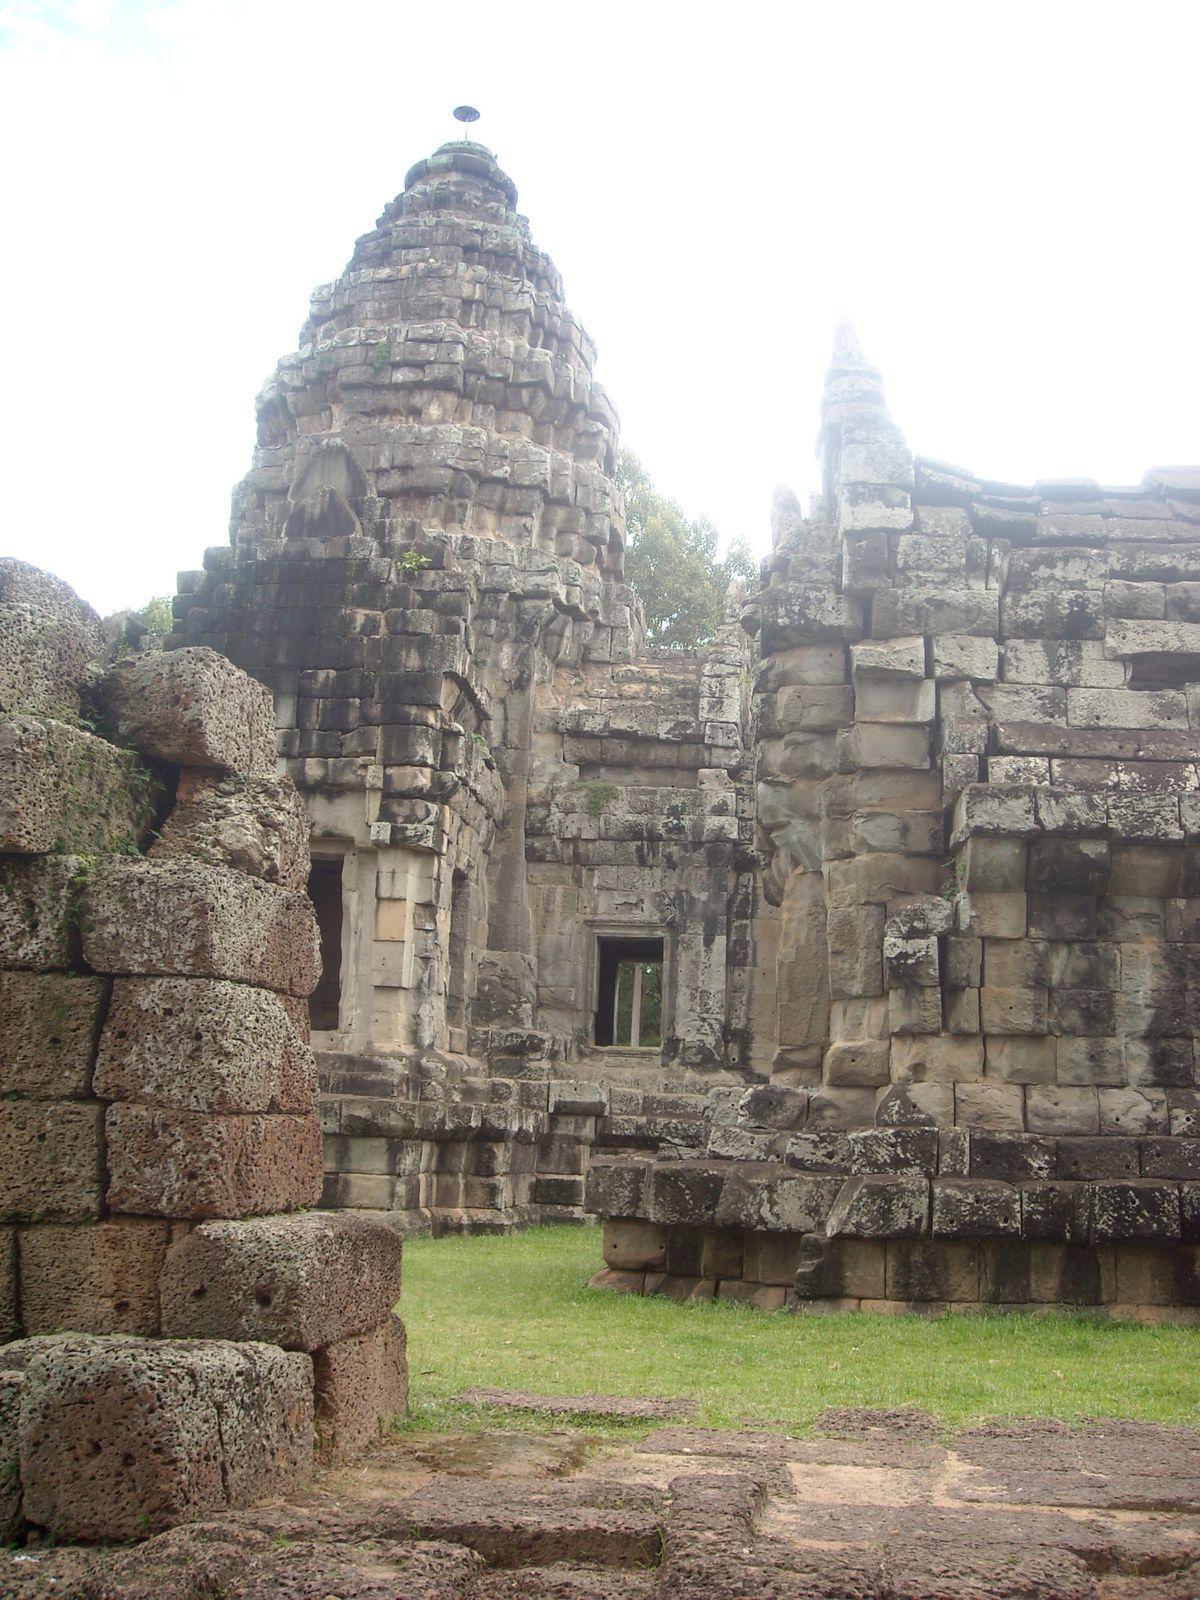 1. à 3. Preah Ang Chek et Preah Ang Chorm     4. à 8. Wat Bo  9. La rivière de Siem Reap 10. à 13. Wat Damnak  14. à 17. Wat Atwear   18. Invasion de libellules